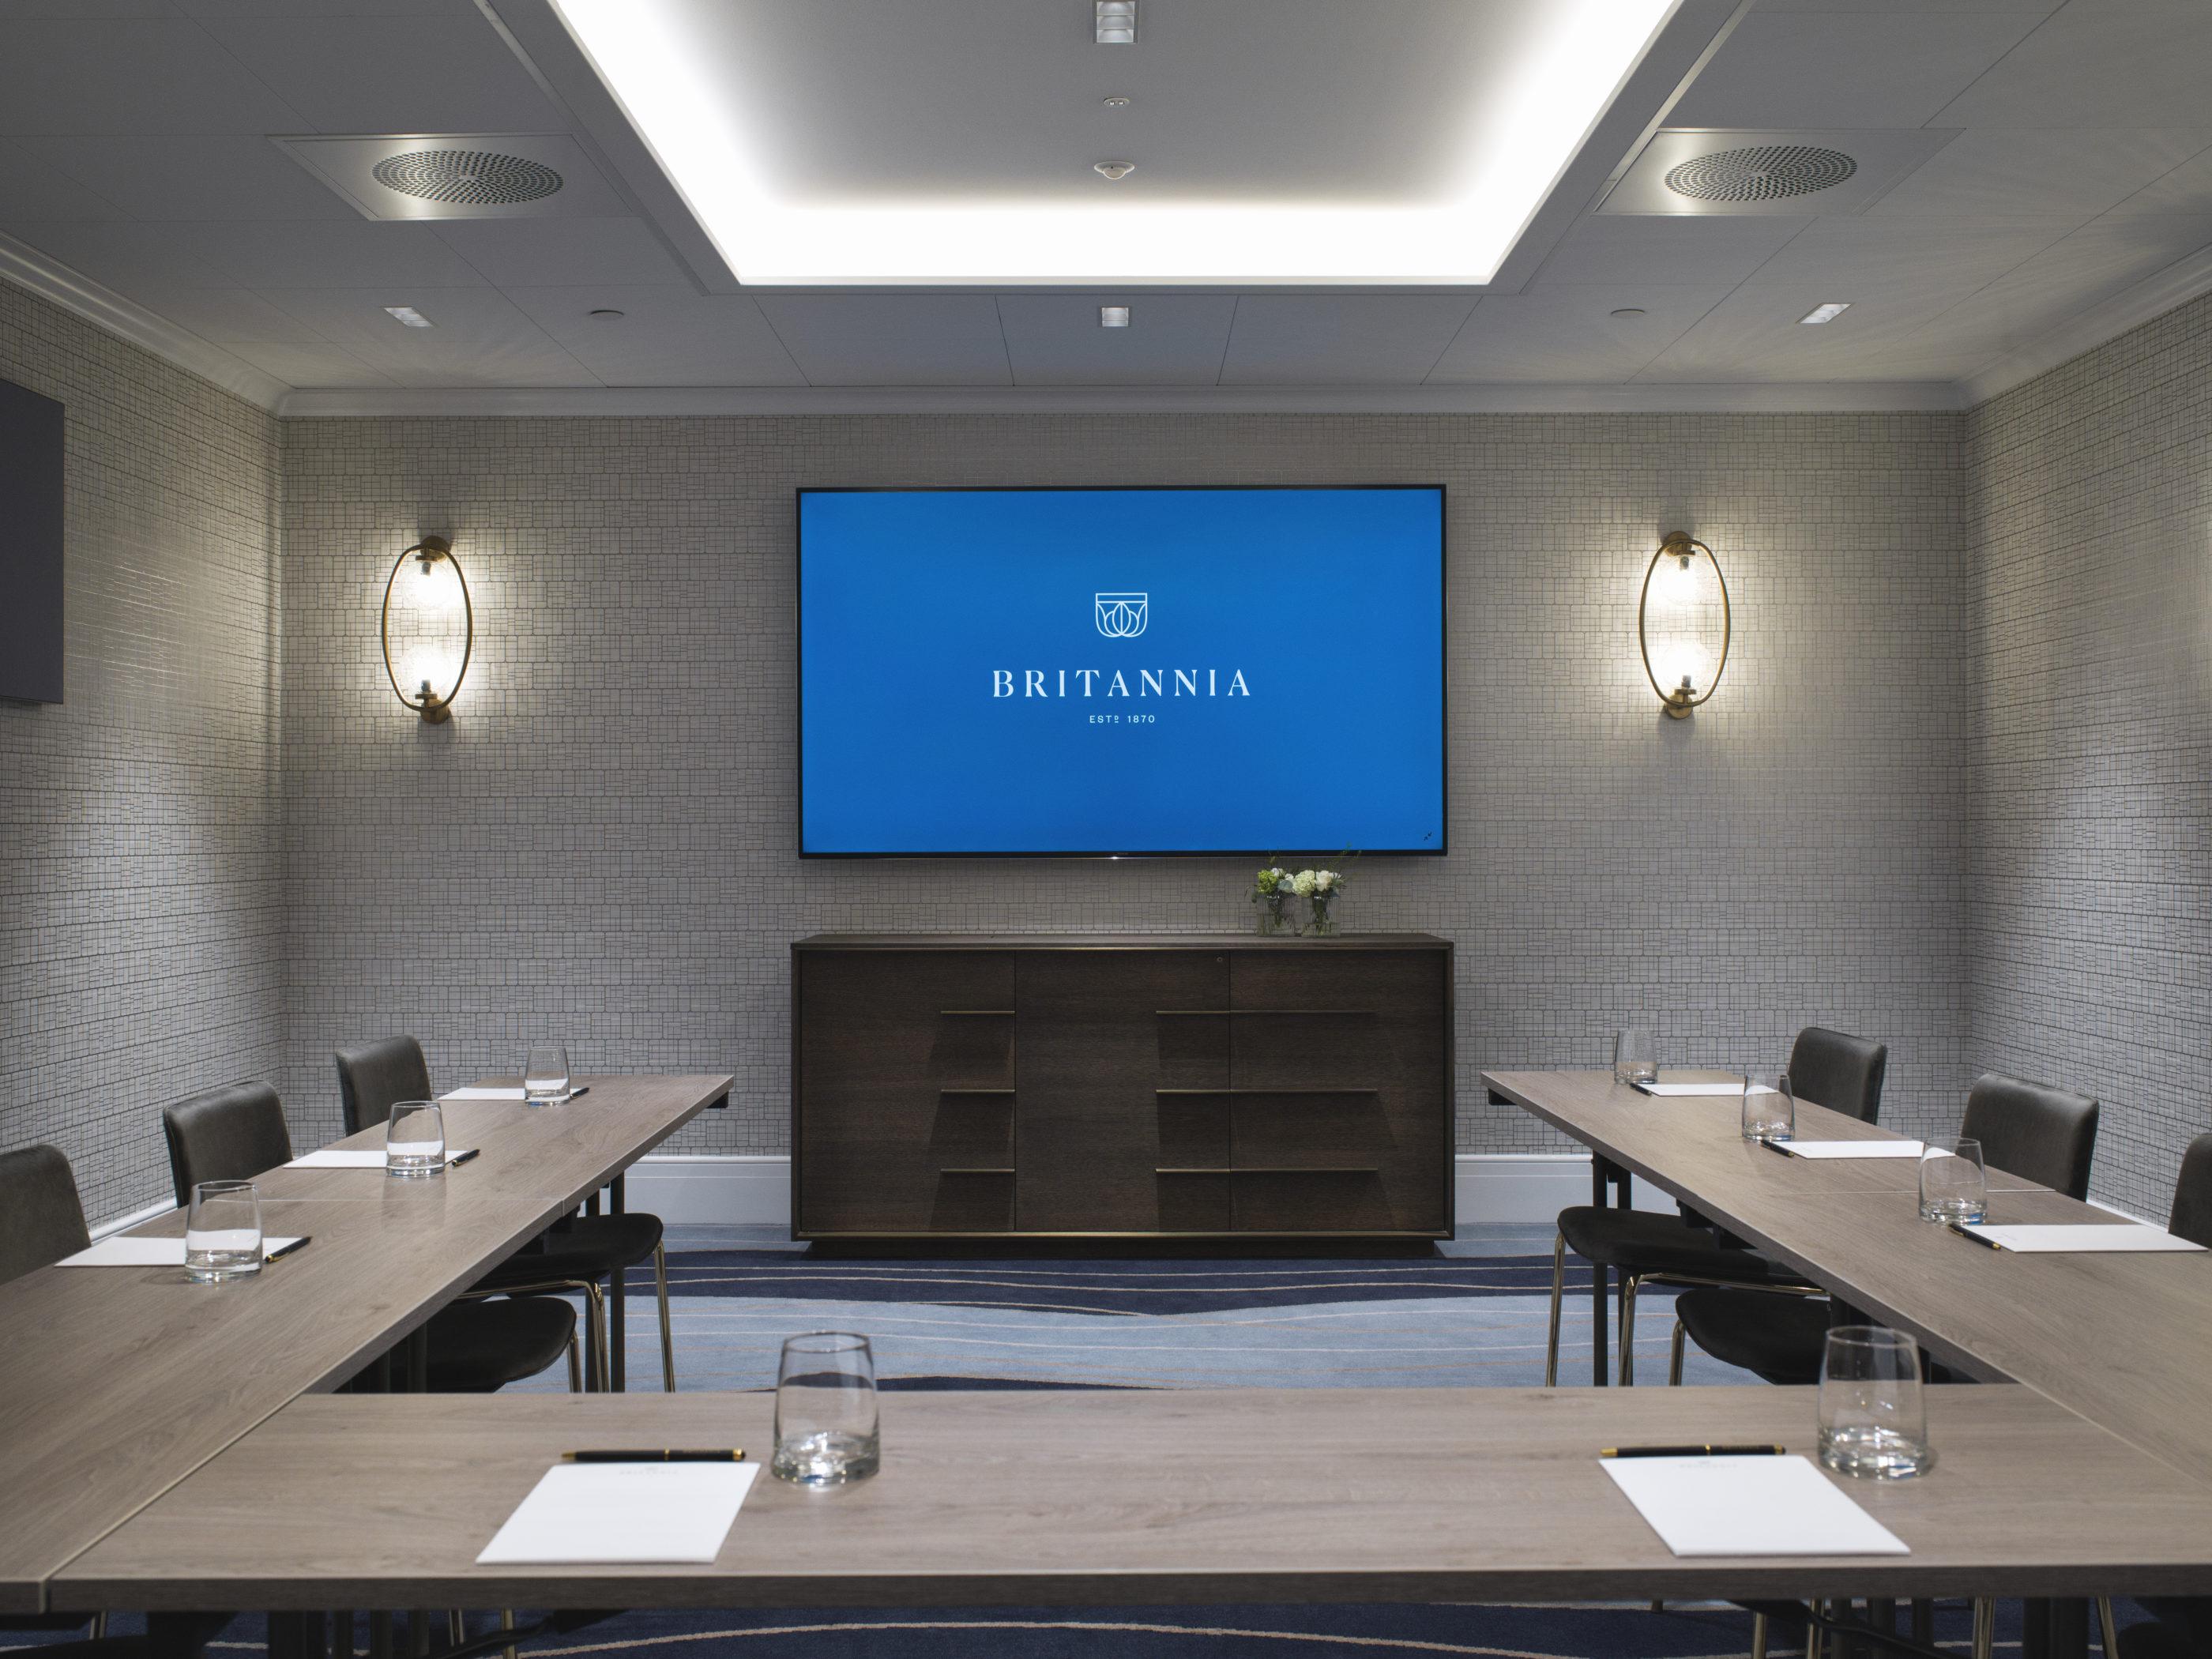 Frida meeting room at Britannia Hotel